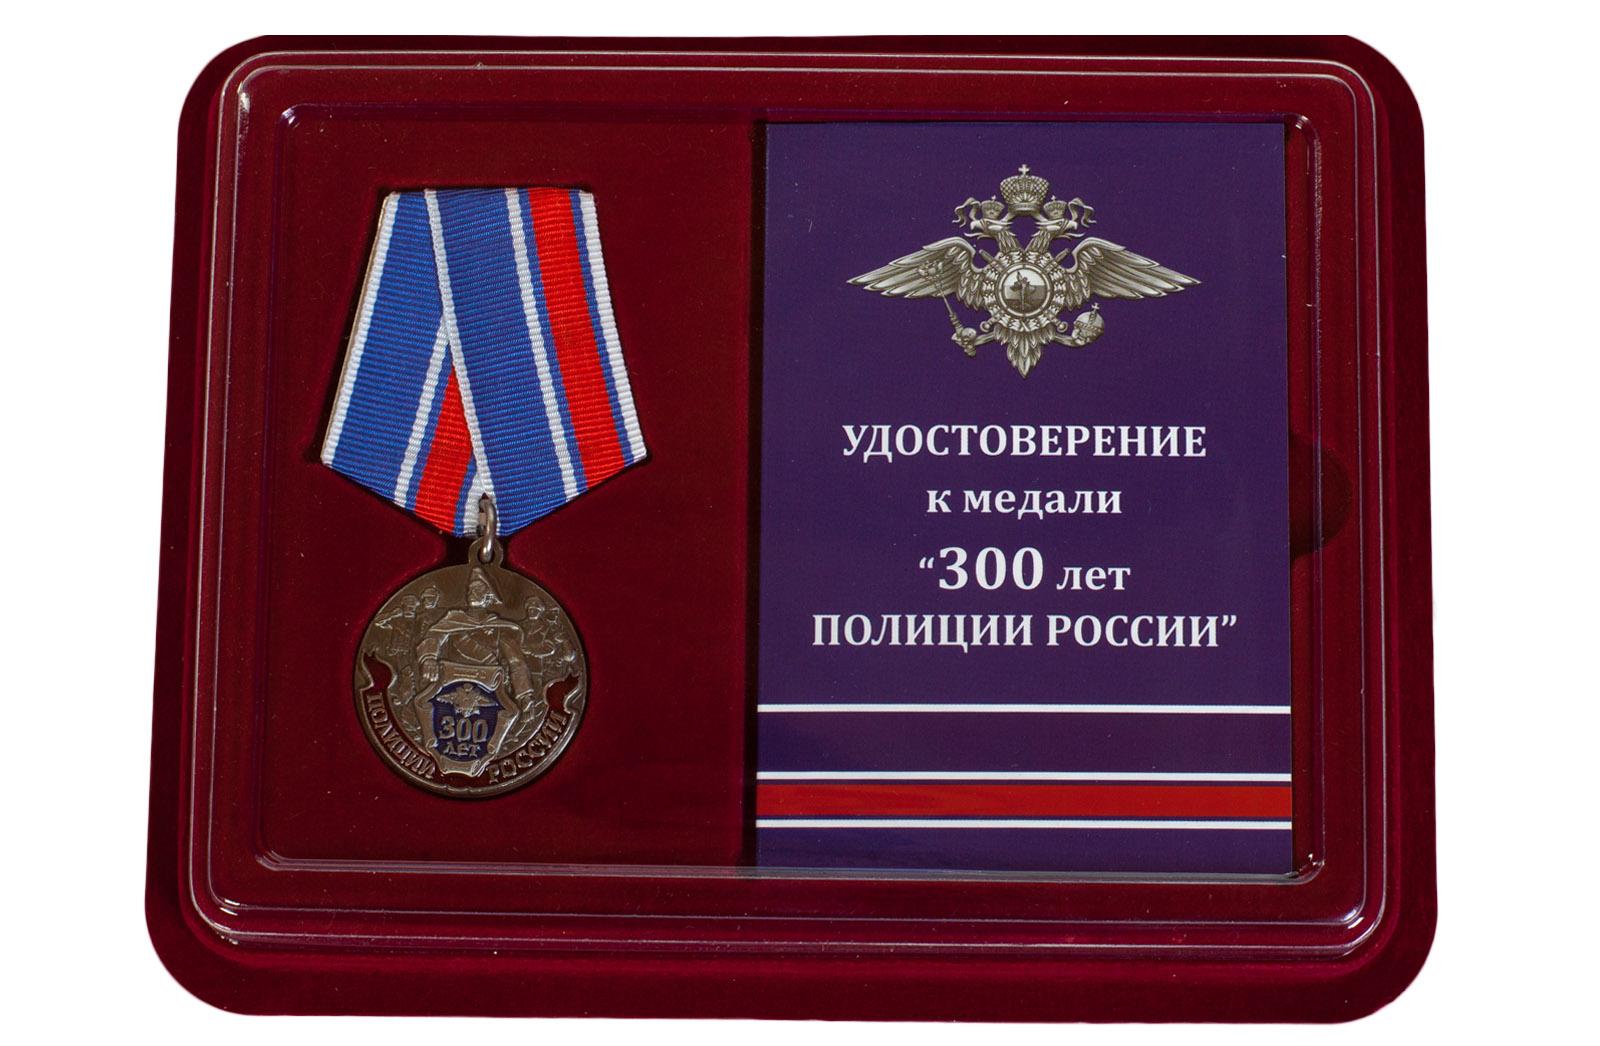 Купить юбилейную медаль 300 лет Российской полиции оптом или в розницу